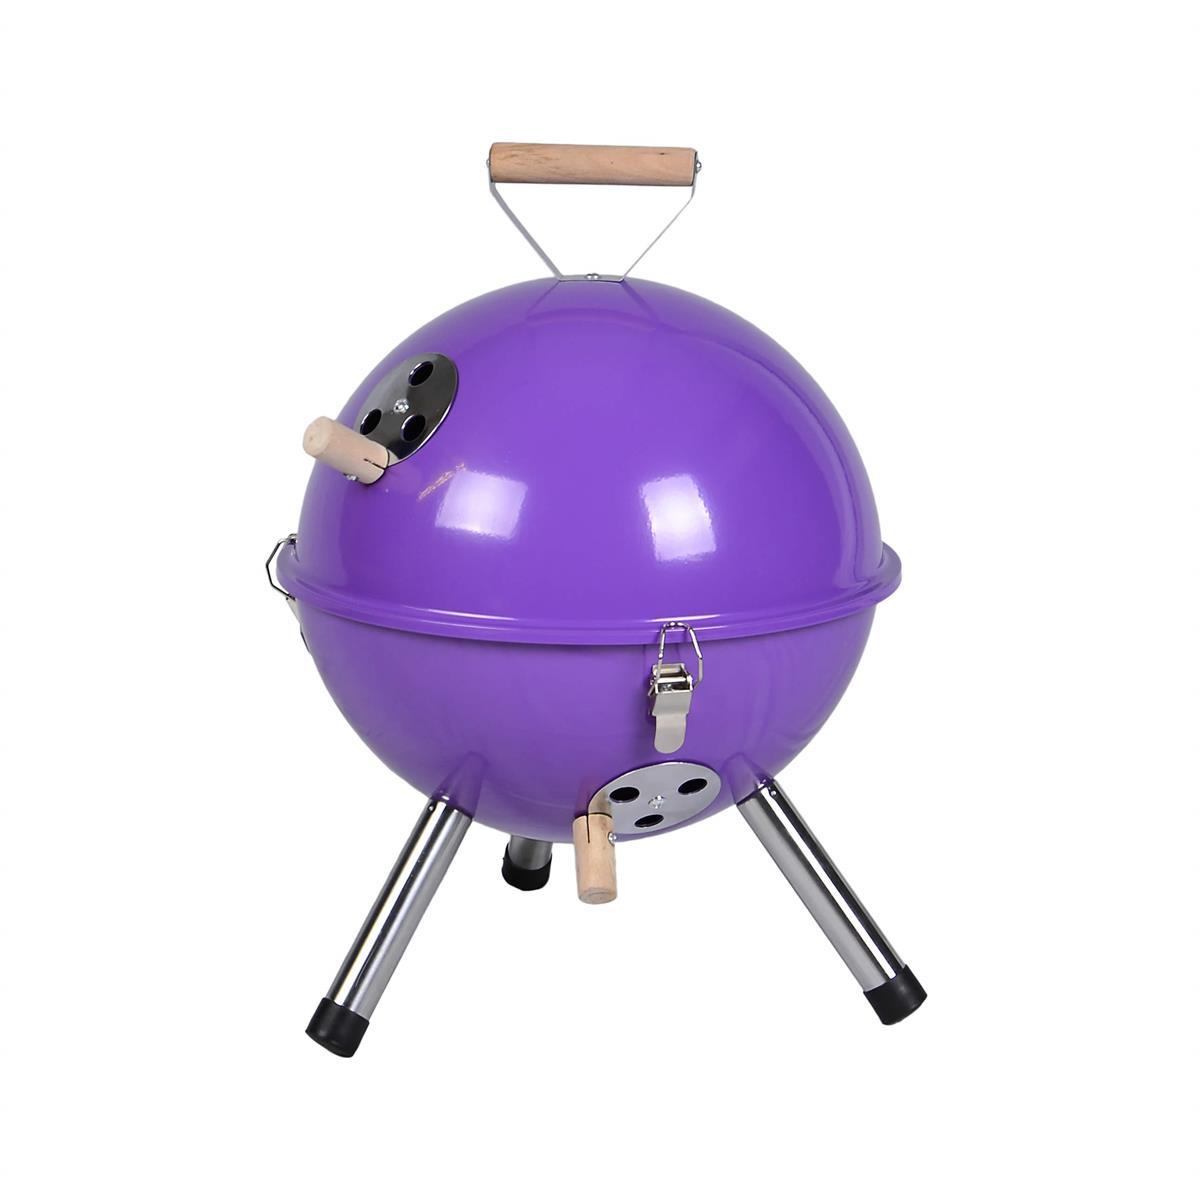 Mini BBQ-Grill Holzkohle Kugelgrill Lila Picknickgrill